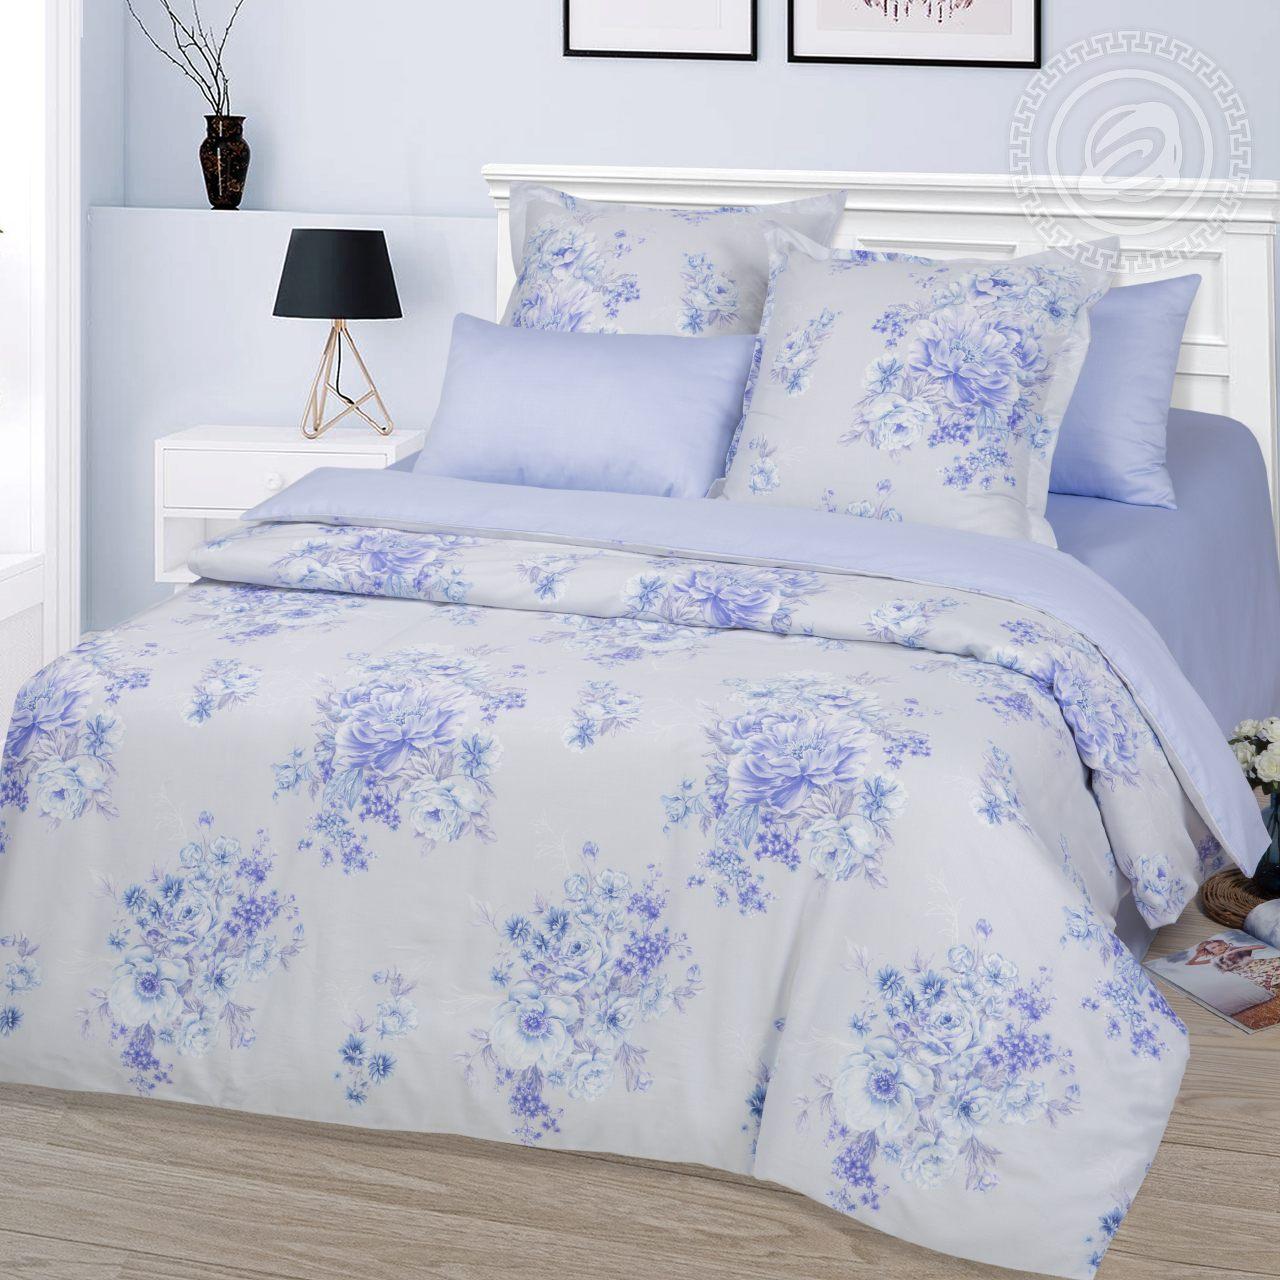 цена Постельное белье iv60799 (сатин) (1,5 спальный) онлайн в 2017 году